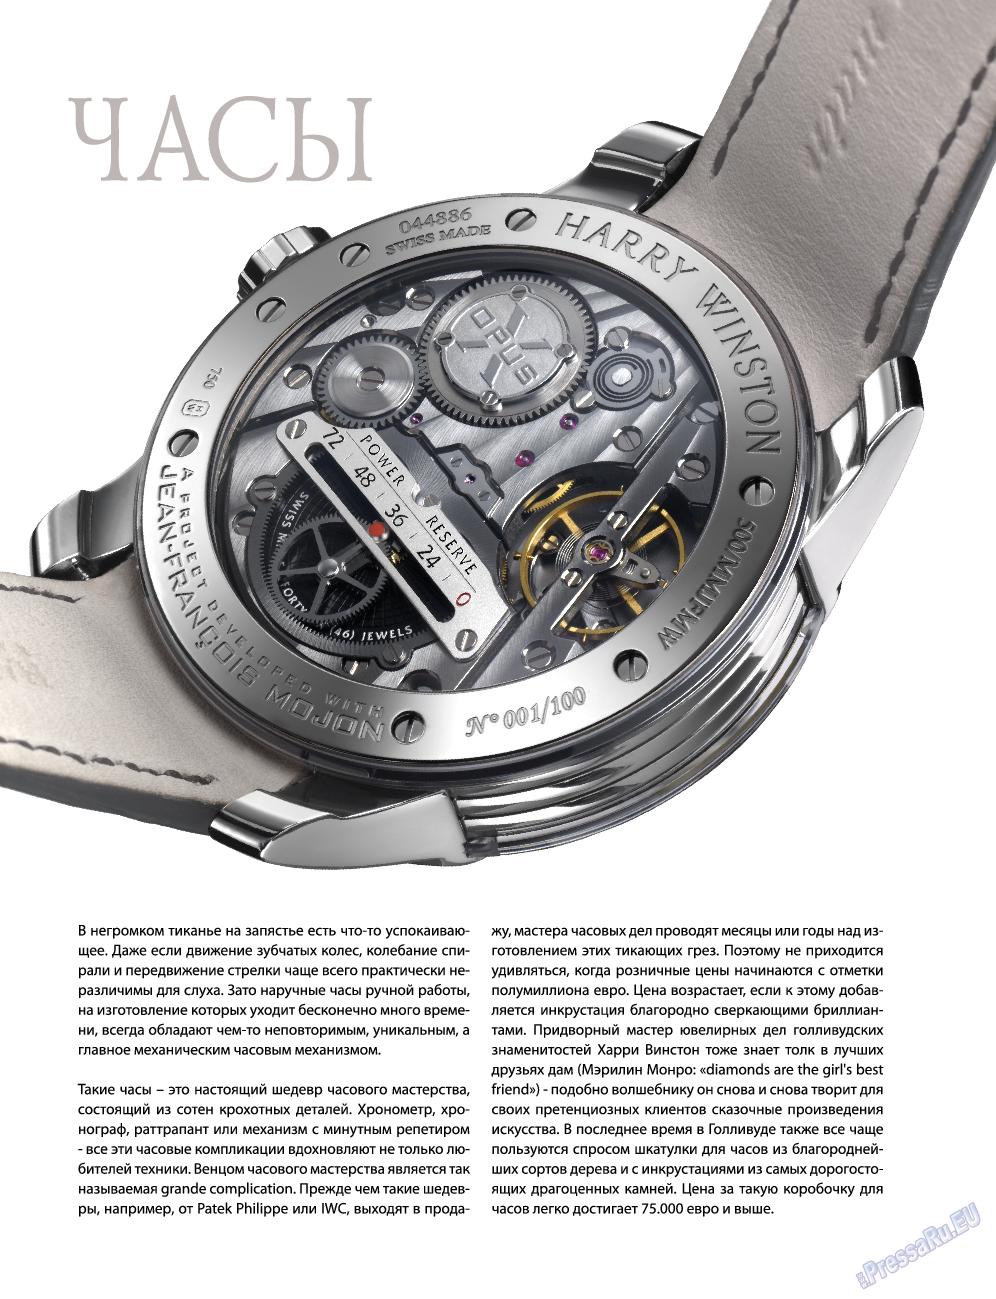 Клан (журнал). 2011 год, номер 1, стр. 66